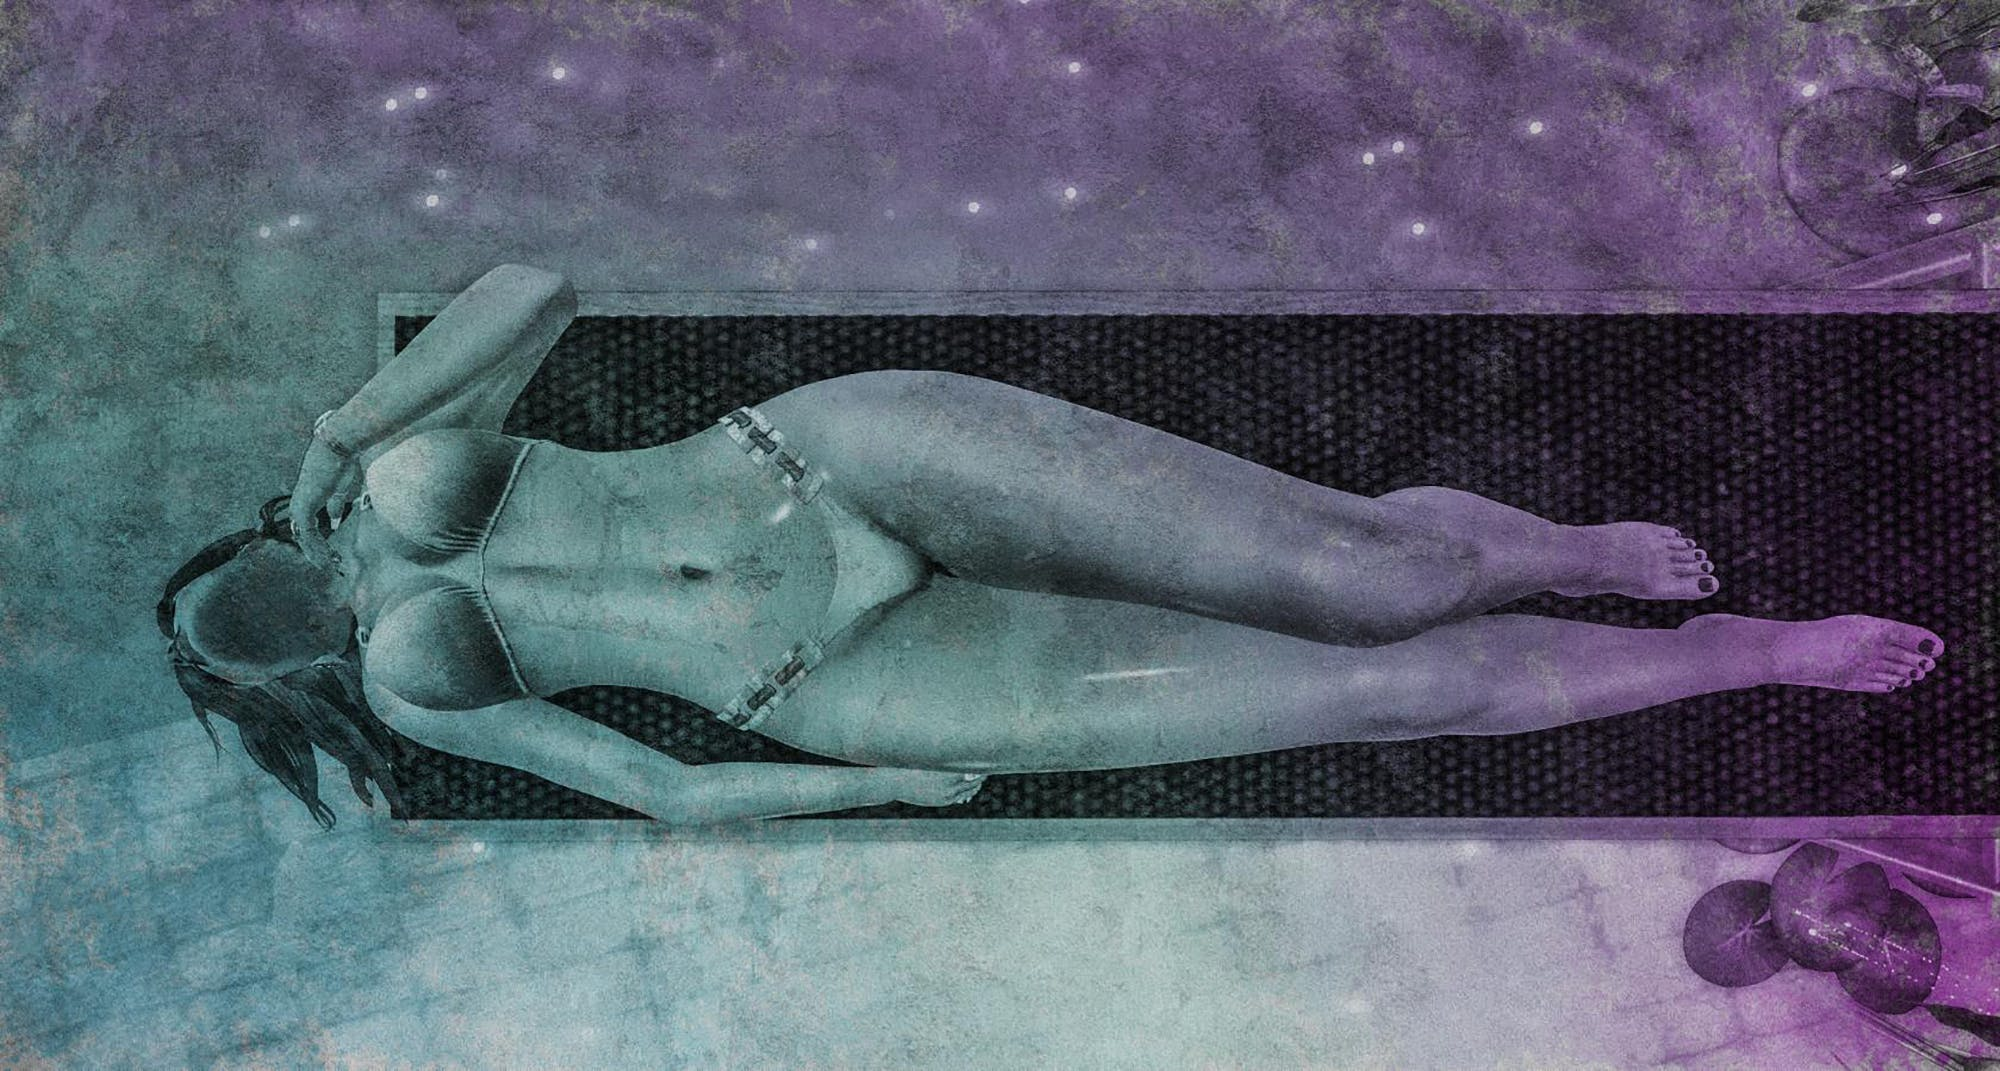 Free stock photo of swim wear